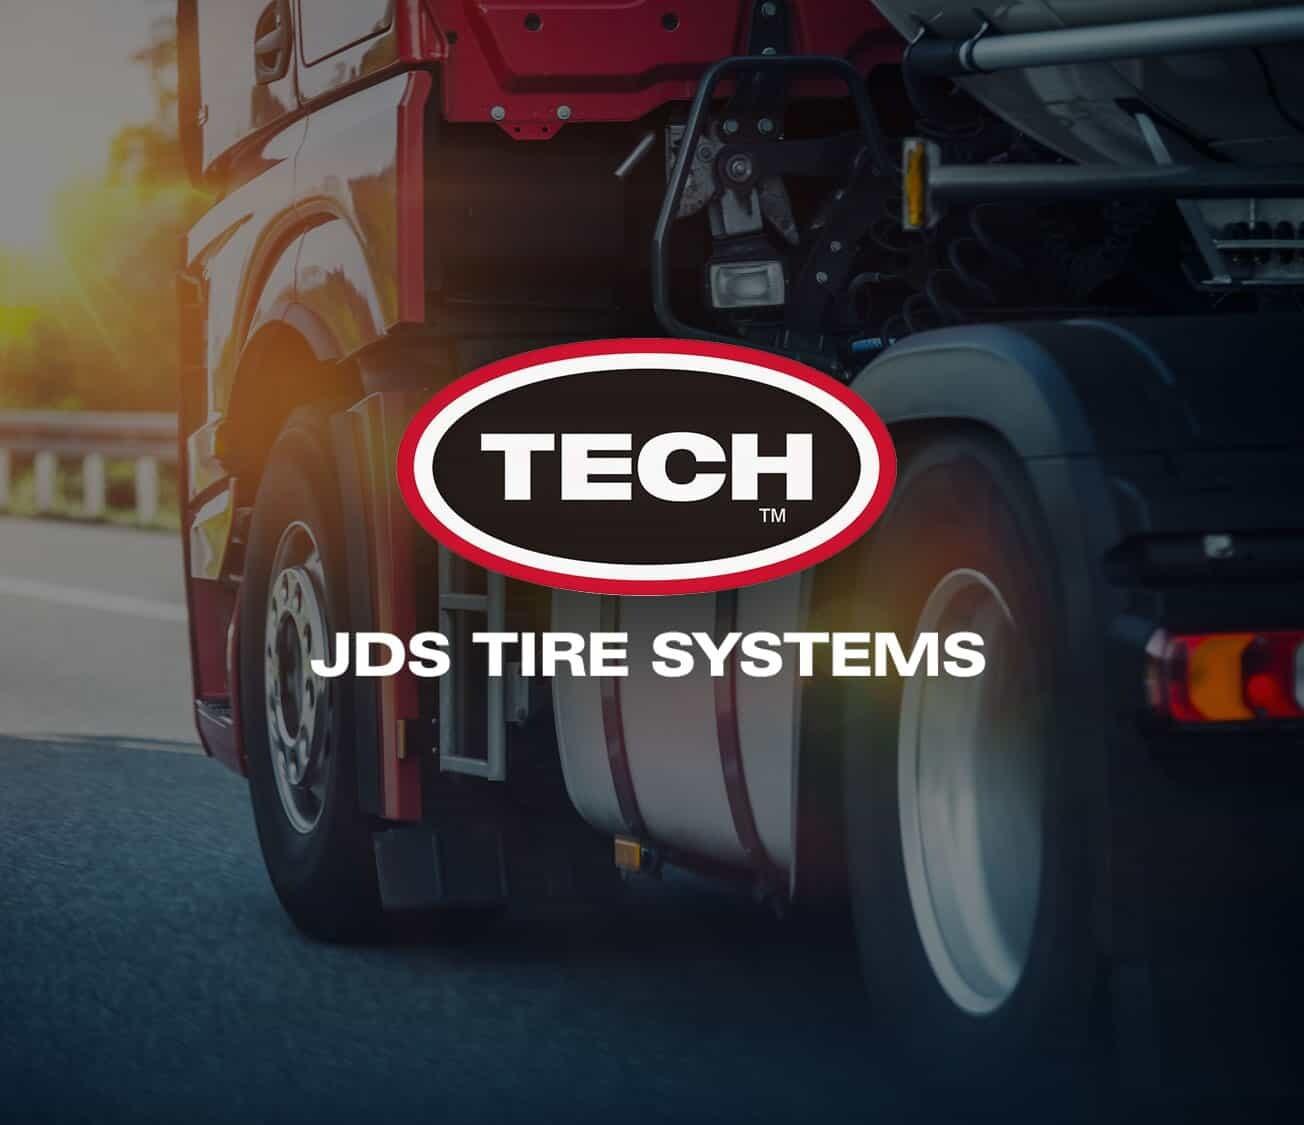 Tech J.D.S. Tire Service